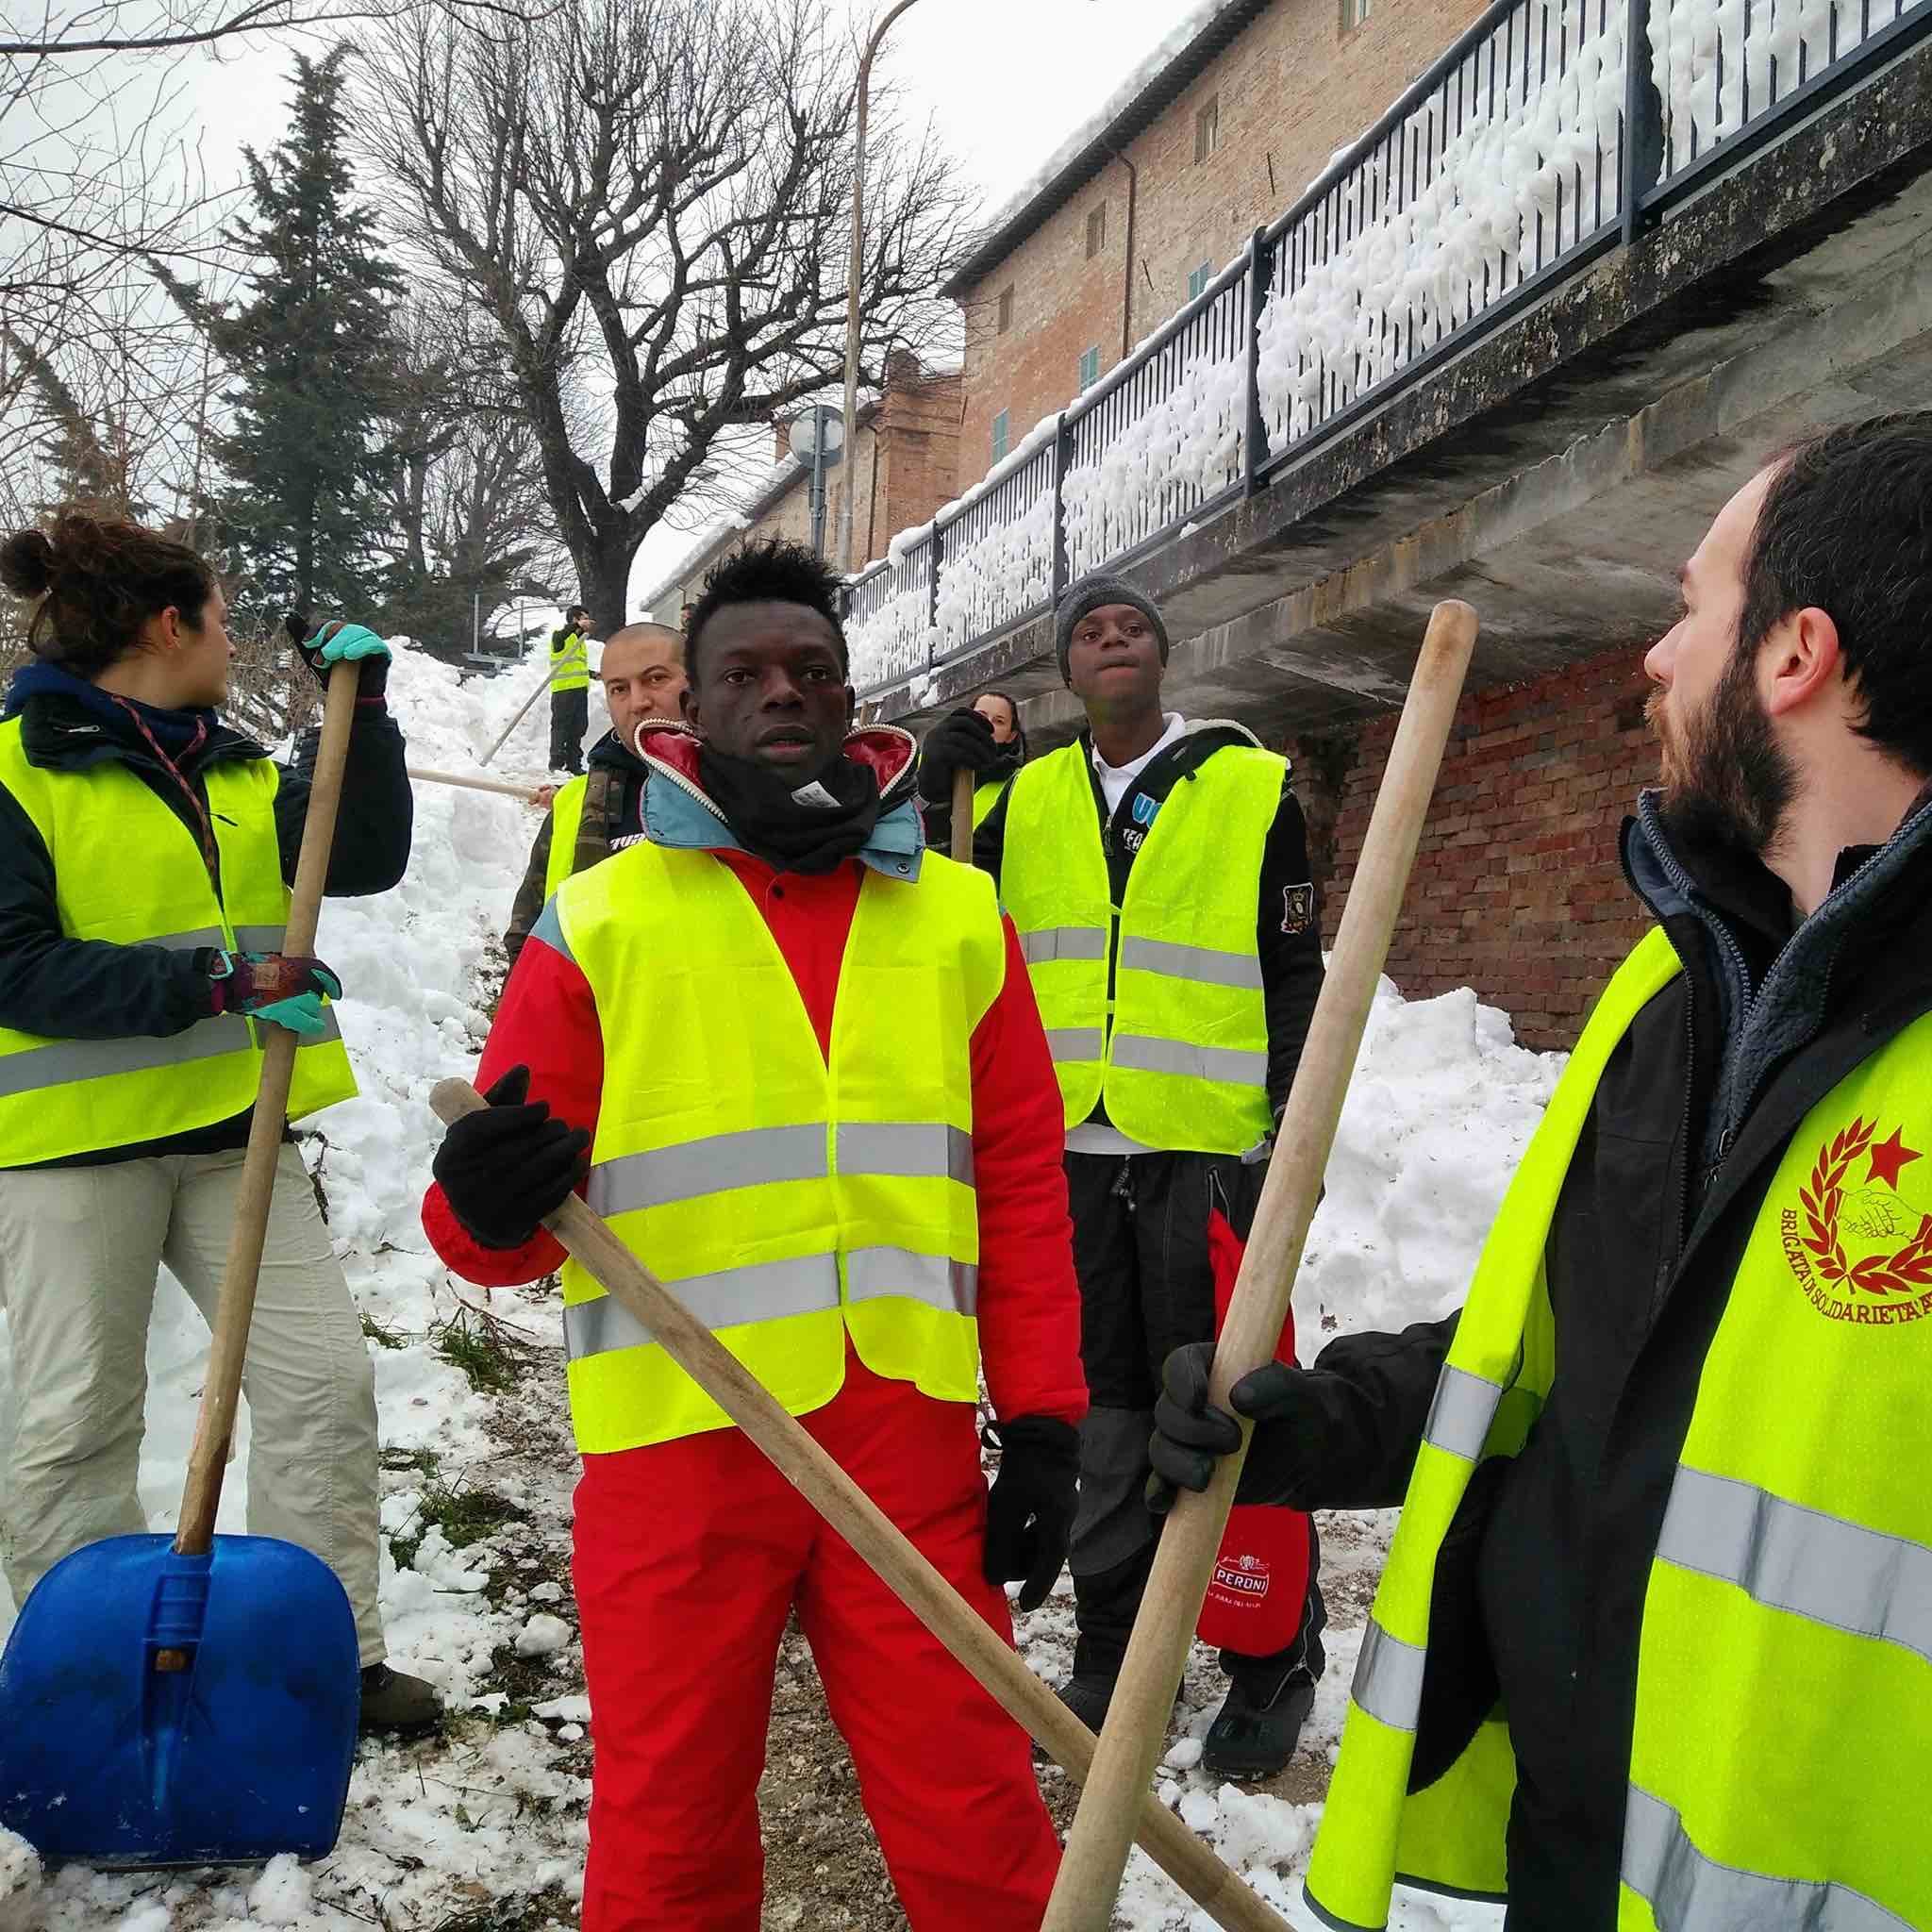 Noi scaviamo, Salvini scatta selfie